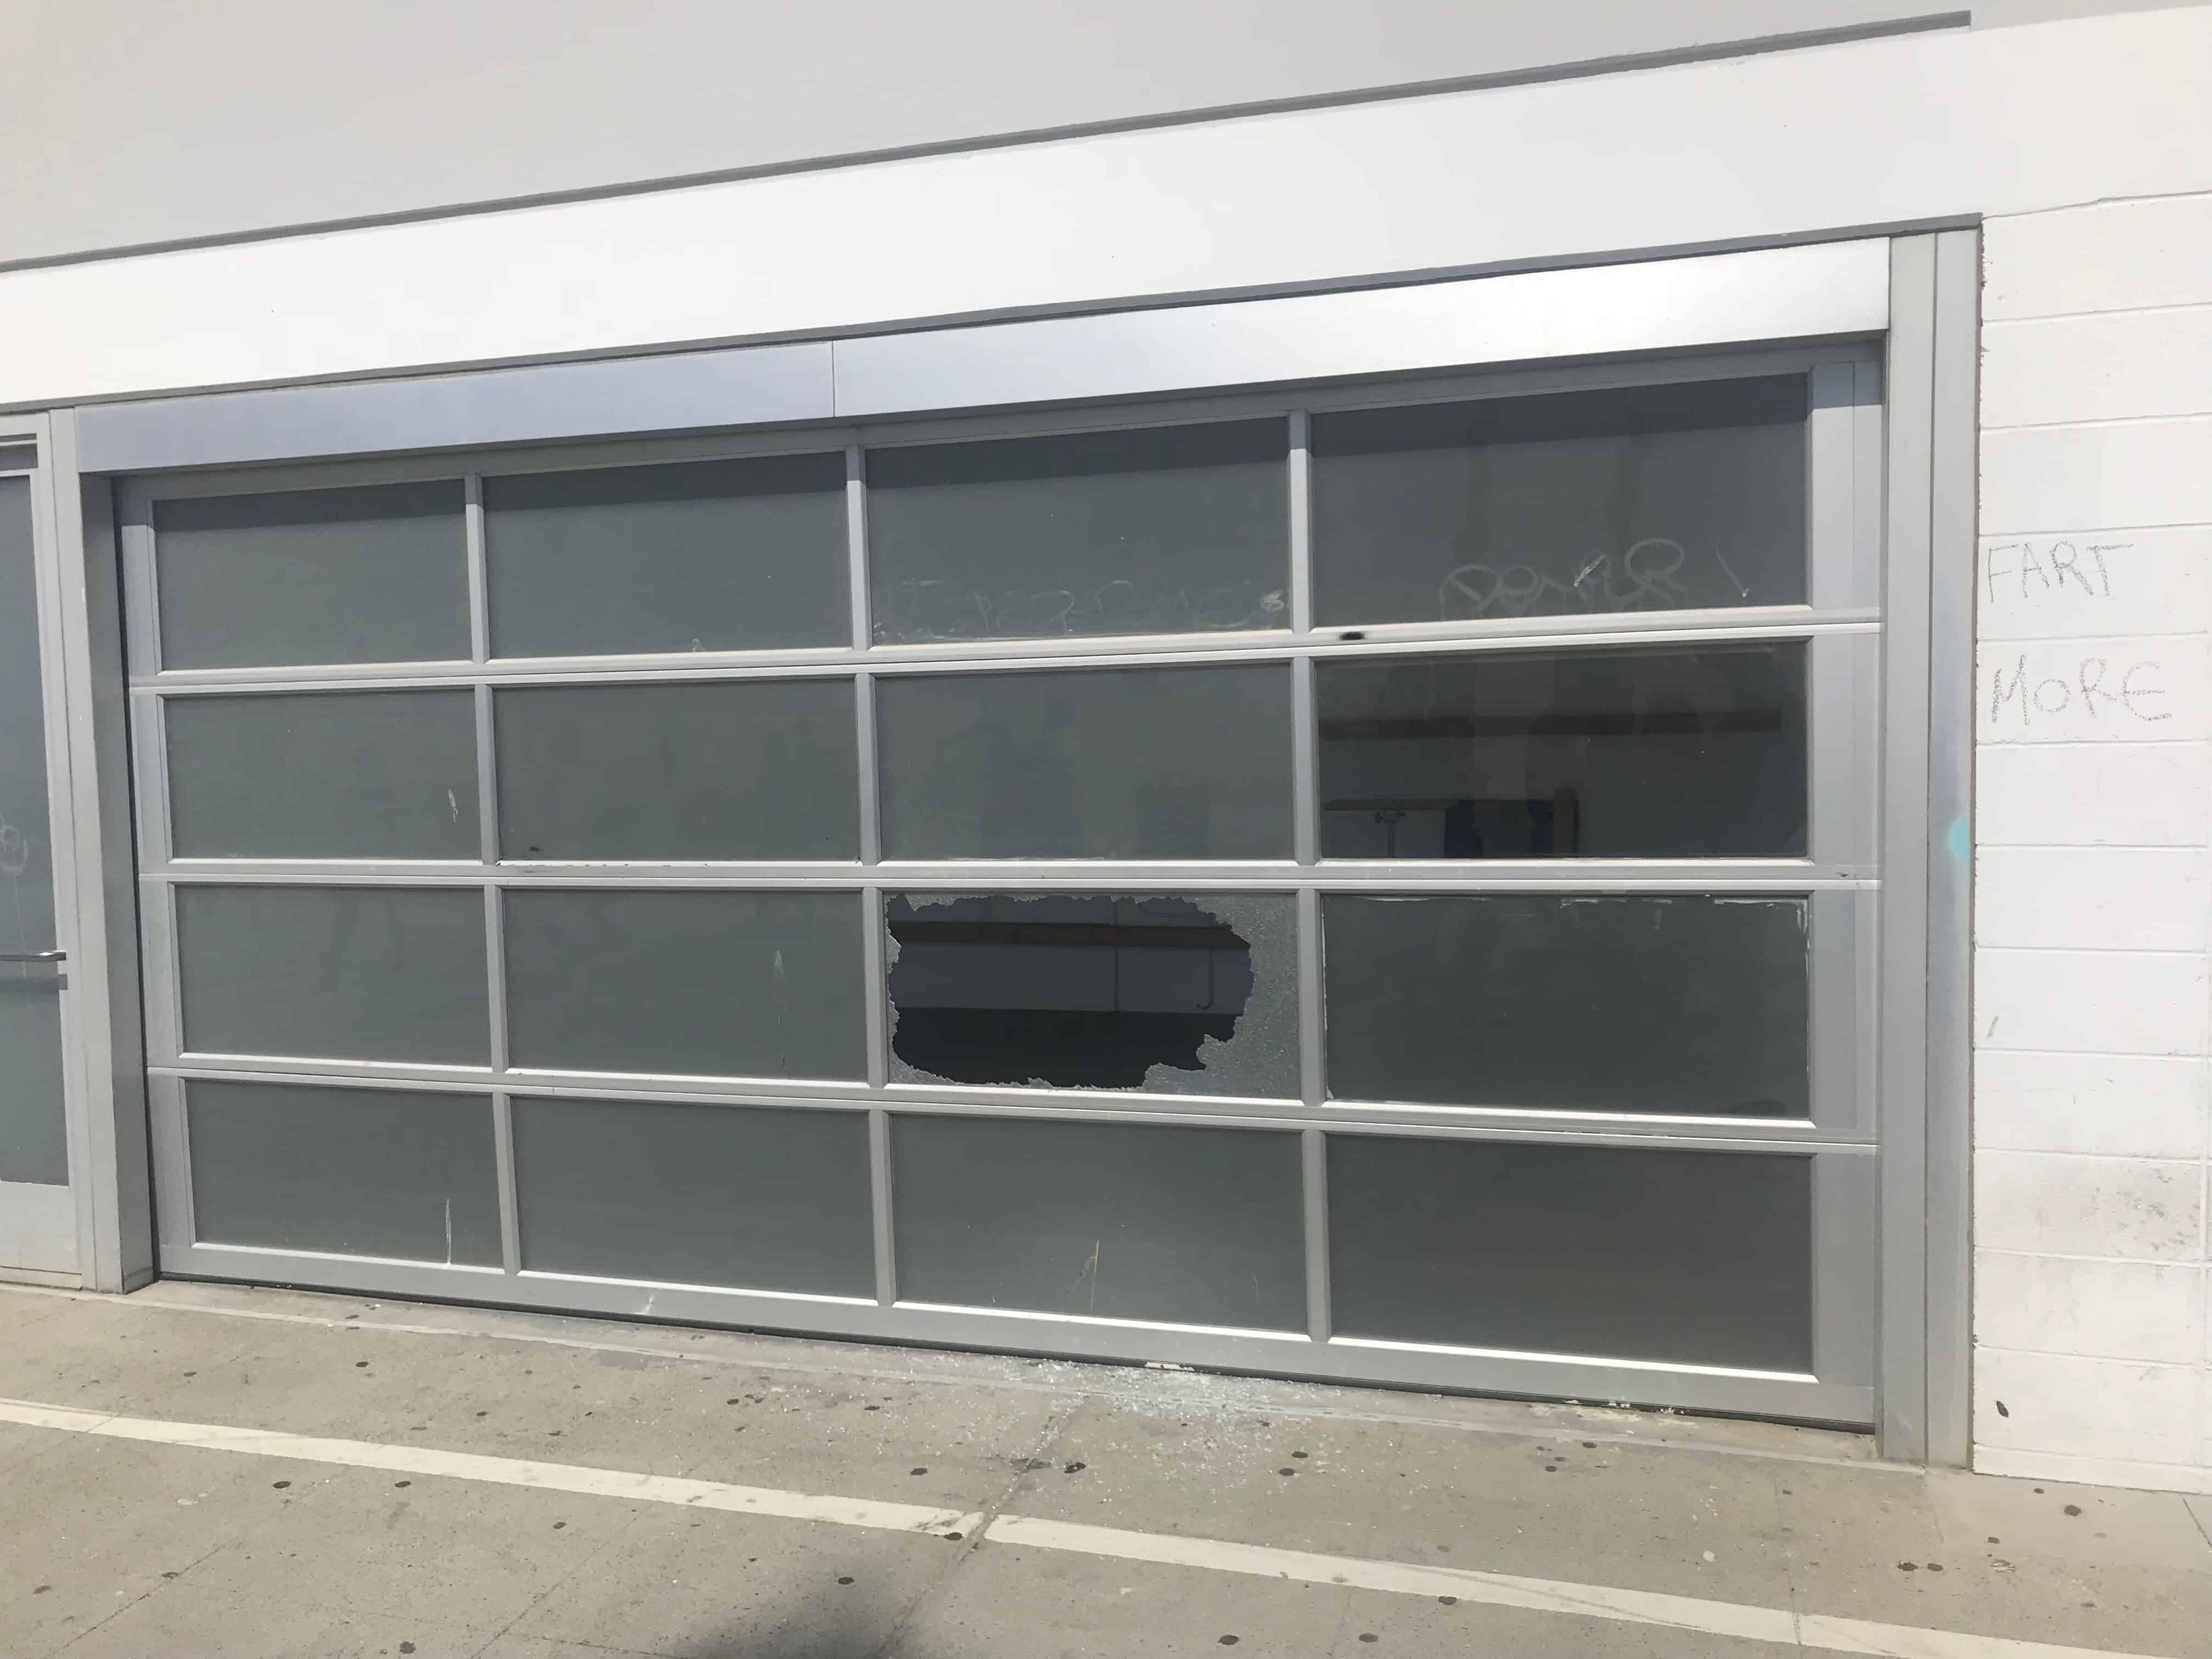 La Jolla CA Garage Door Repair & Replacement